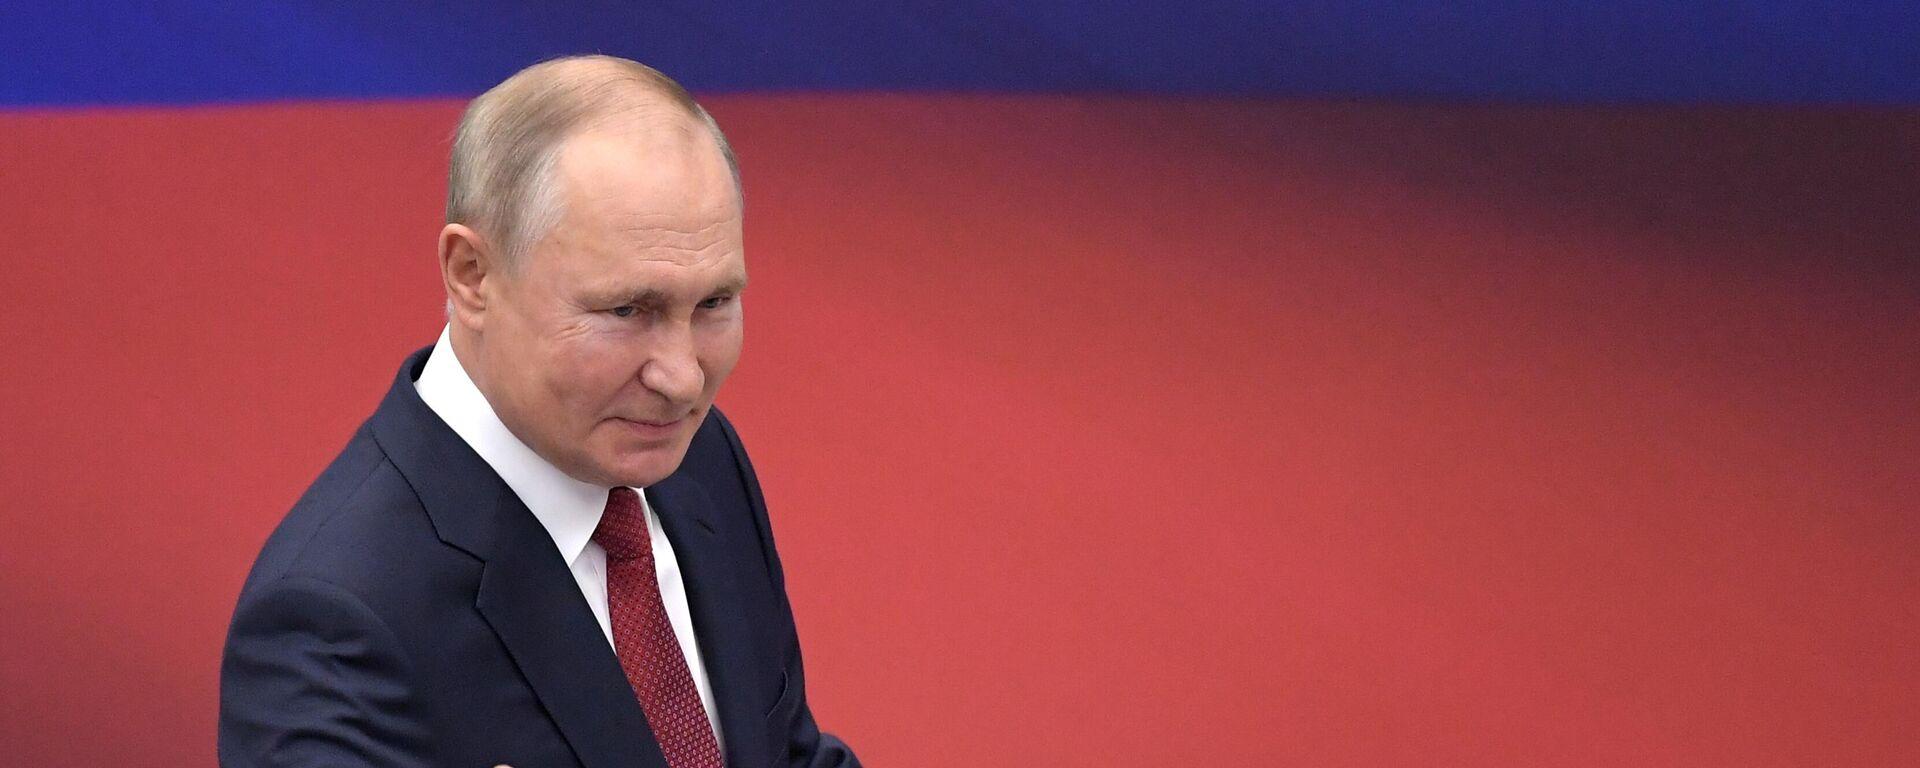 Vladimir Putin - Sputnik Türkiye, 1920, 16.09.2021